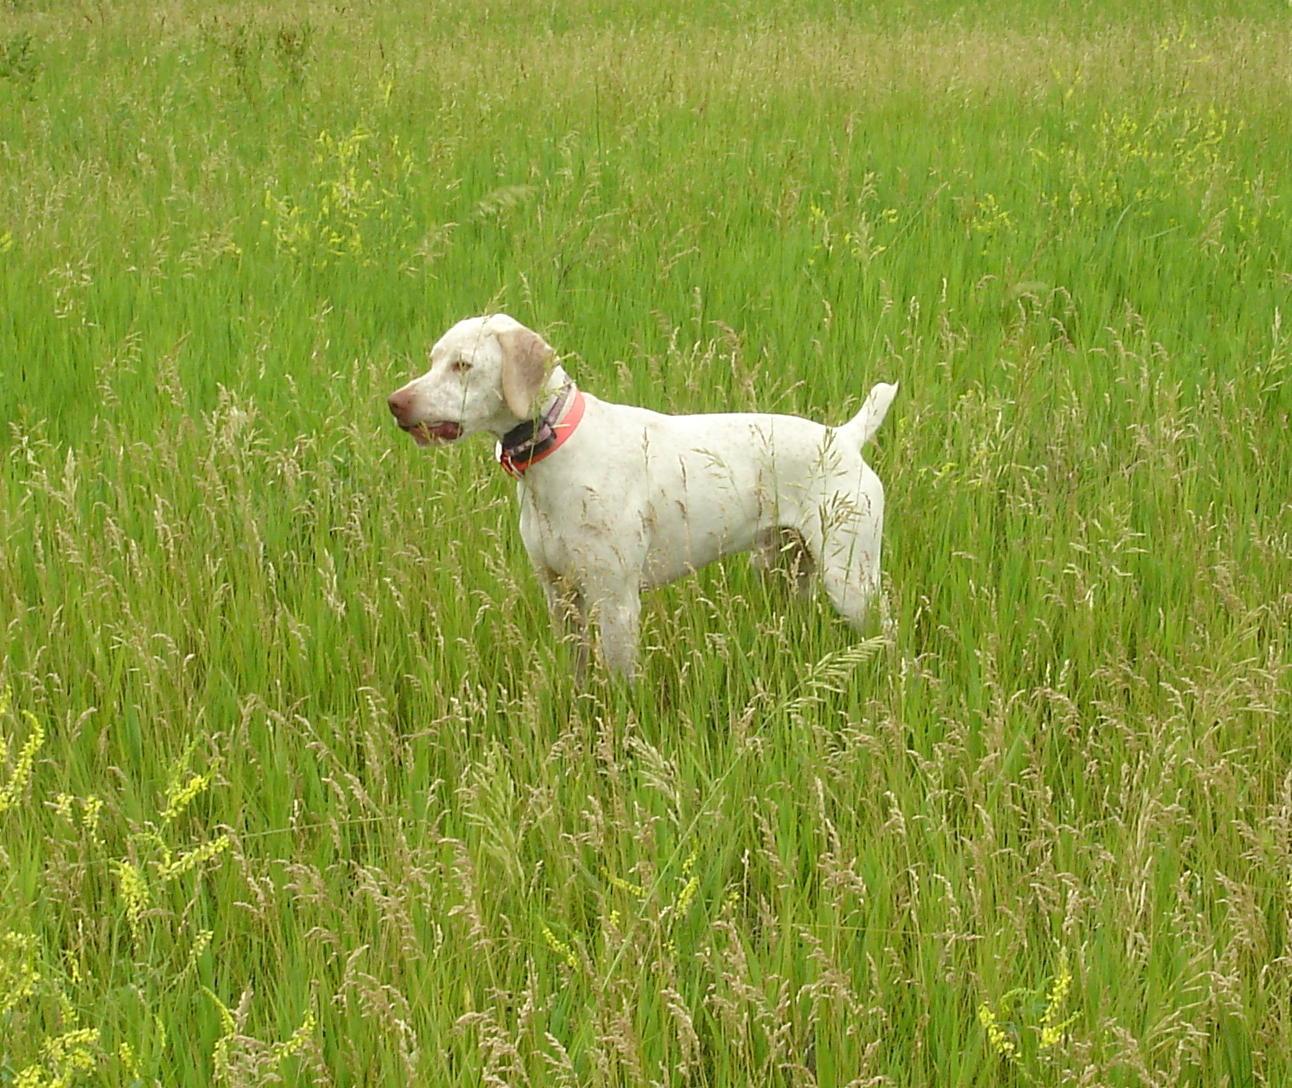 Braque du Bourbonnais Dog: Lovely White Braque Du Bourbonnais Dog Breed